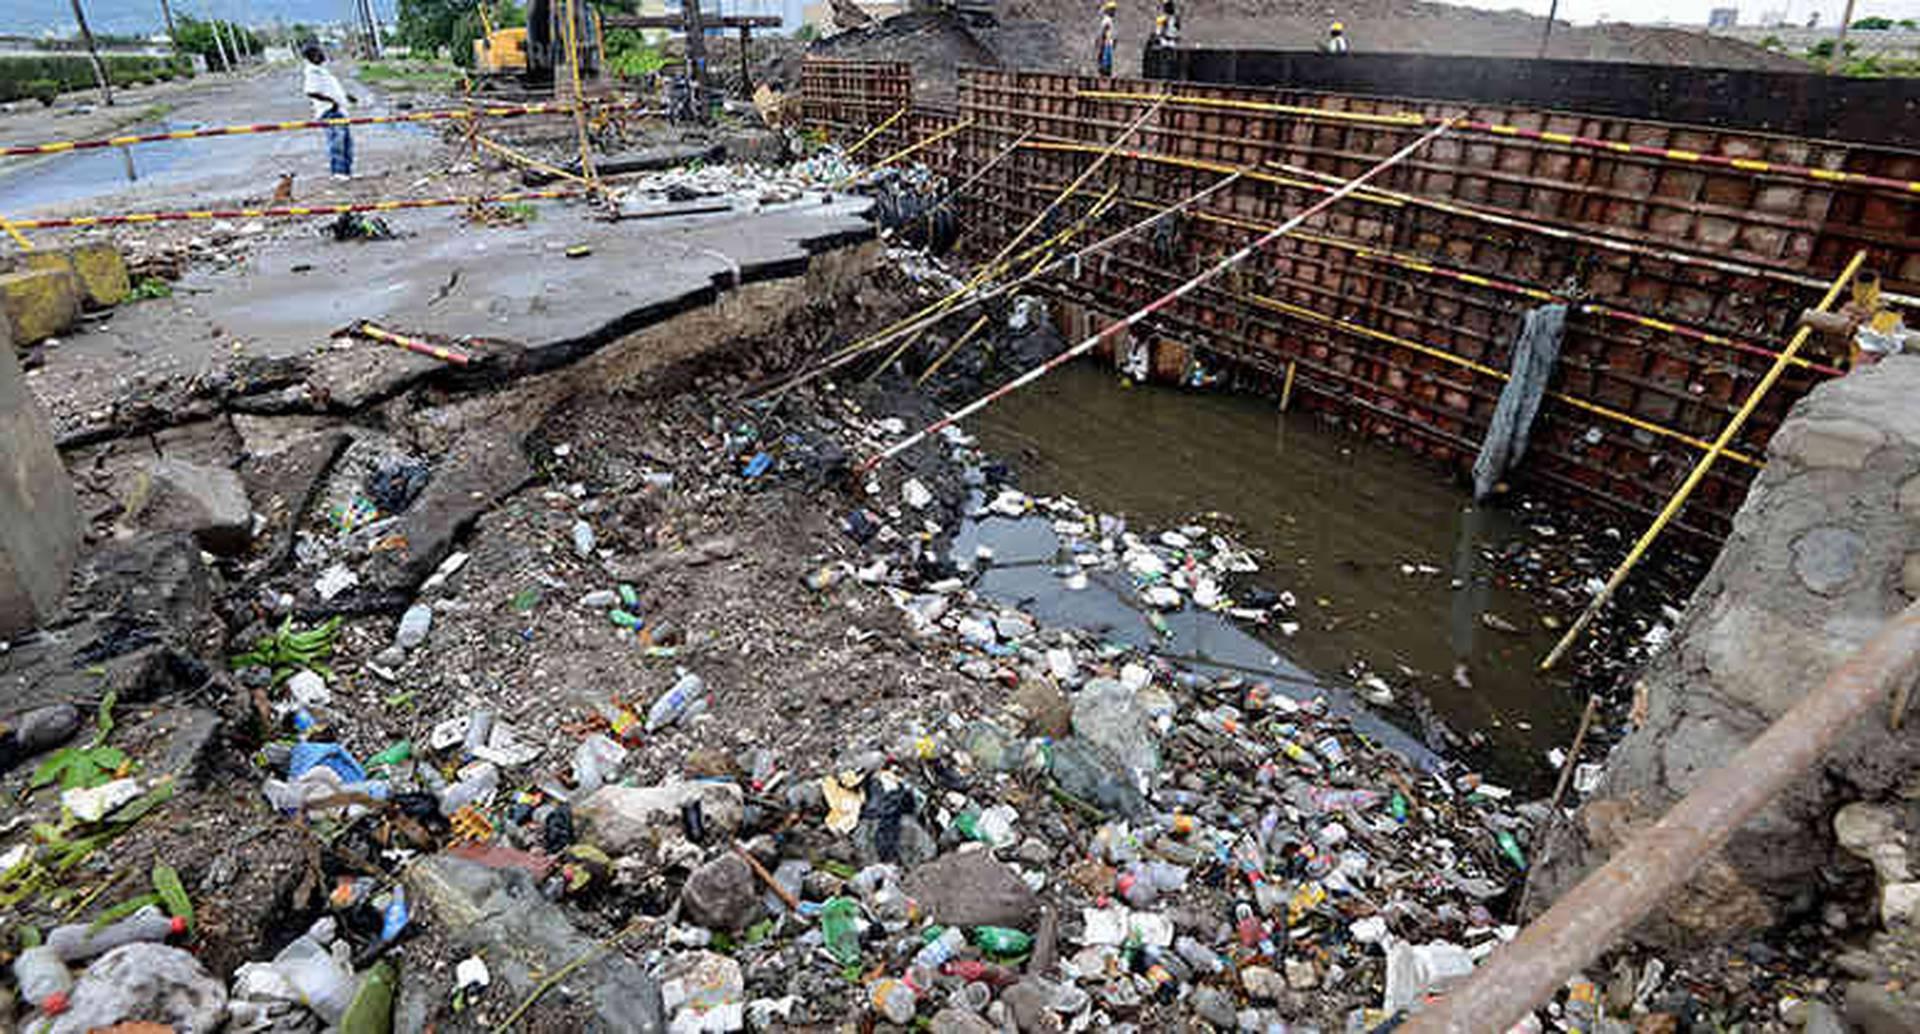 Destrozos materiales y una persona desaparecida en Kingston, Jamaica. Fotografía vía: Ricardo Makyn / AFP